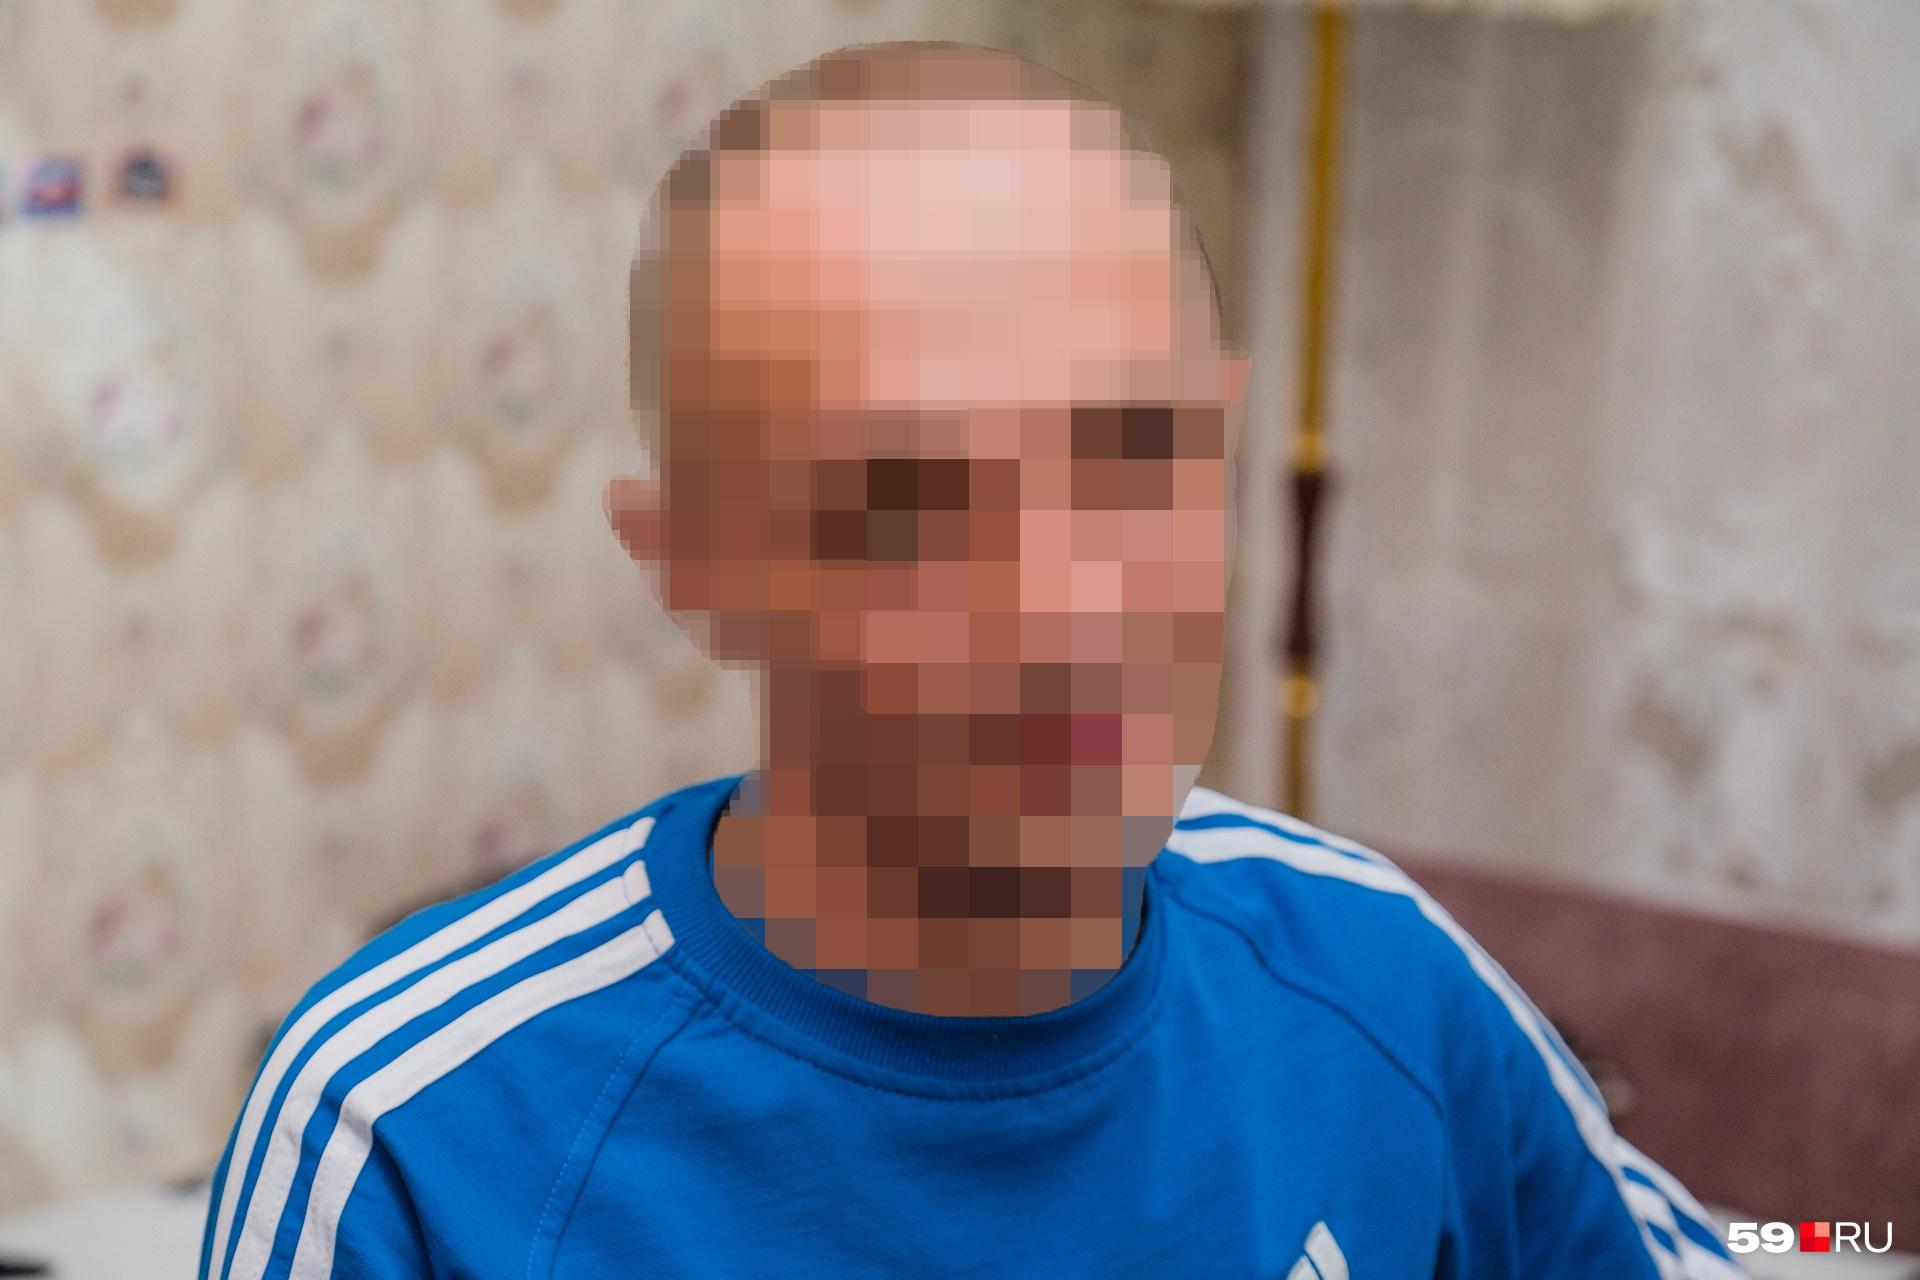 Иван«чудил по молодости», поэтому болеет ВИЧ, гепатитом, циррозом печени, зависит от опиатов и алкоголя